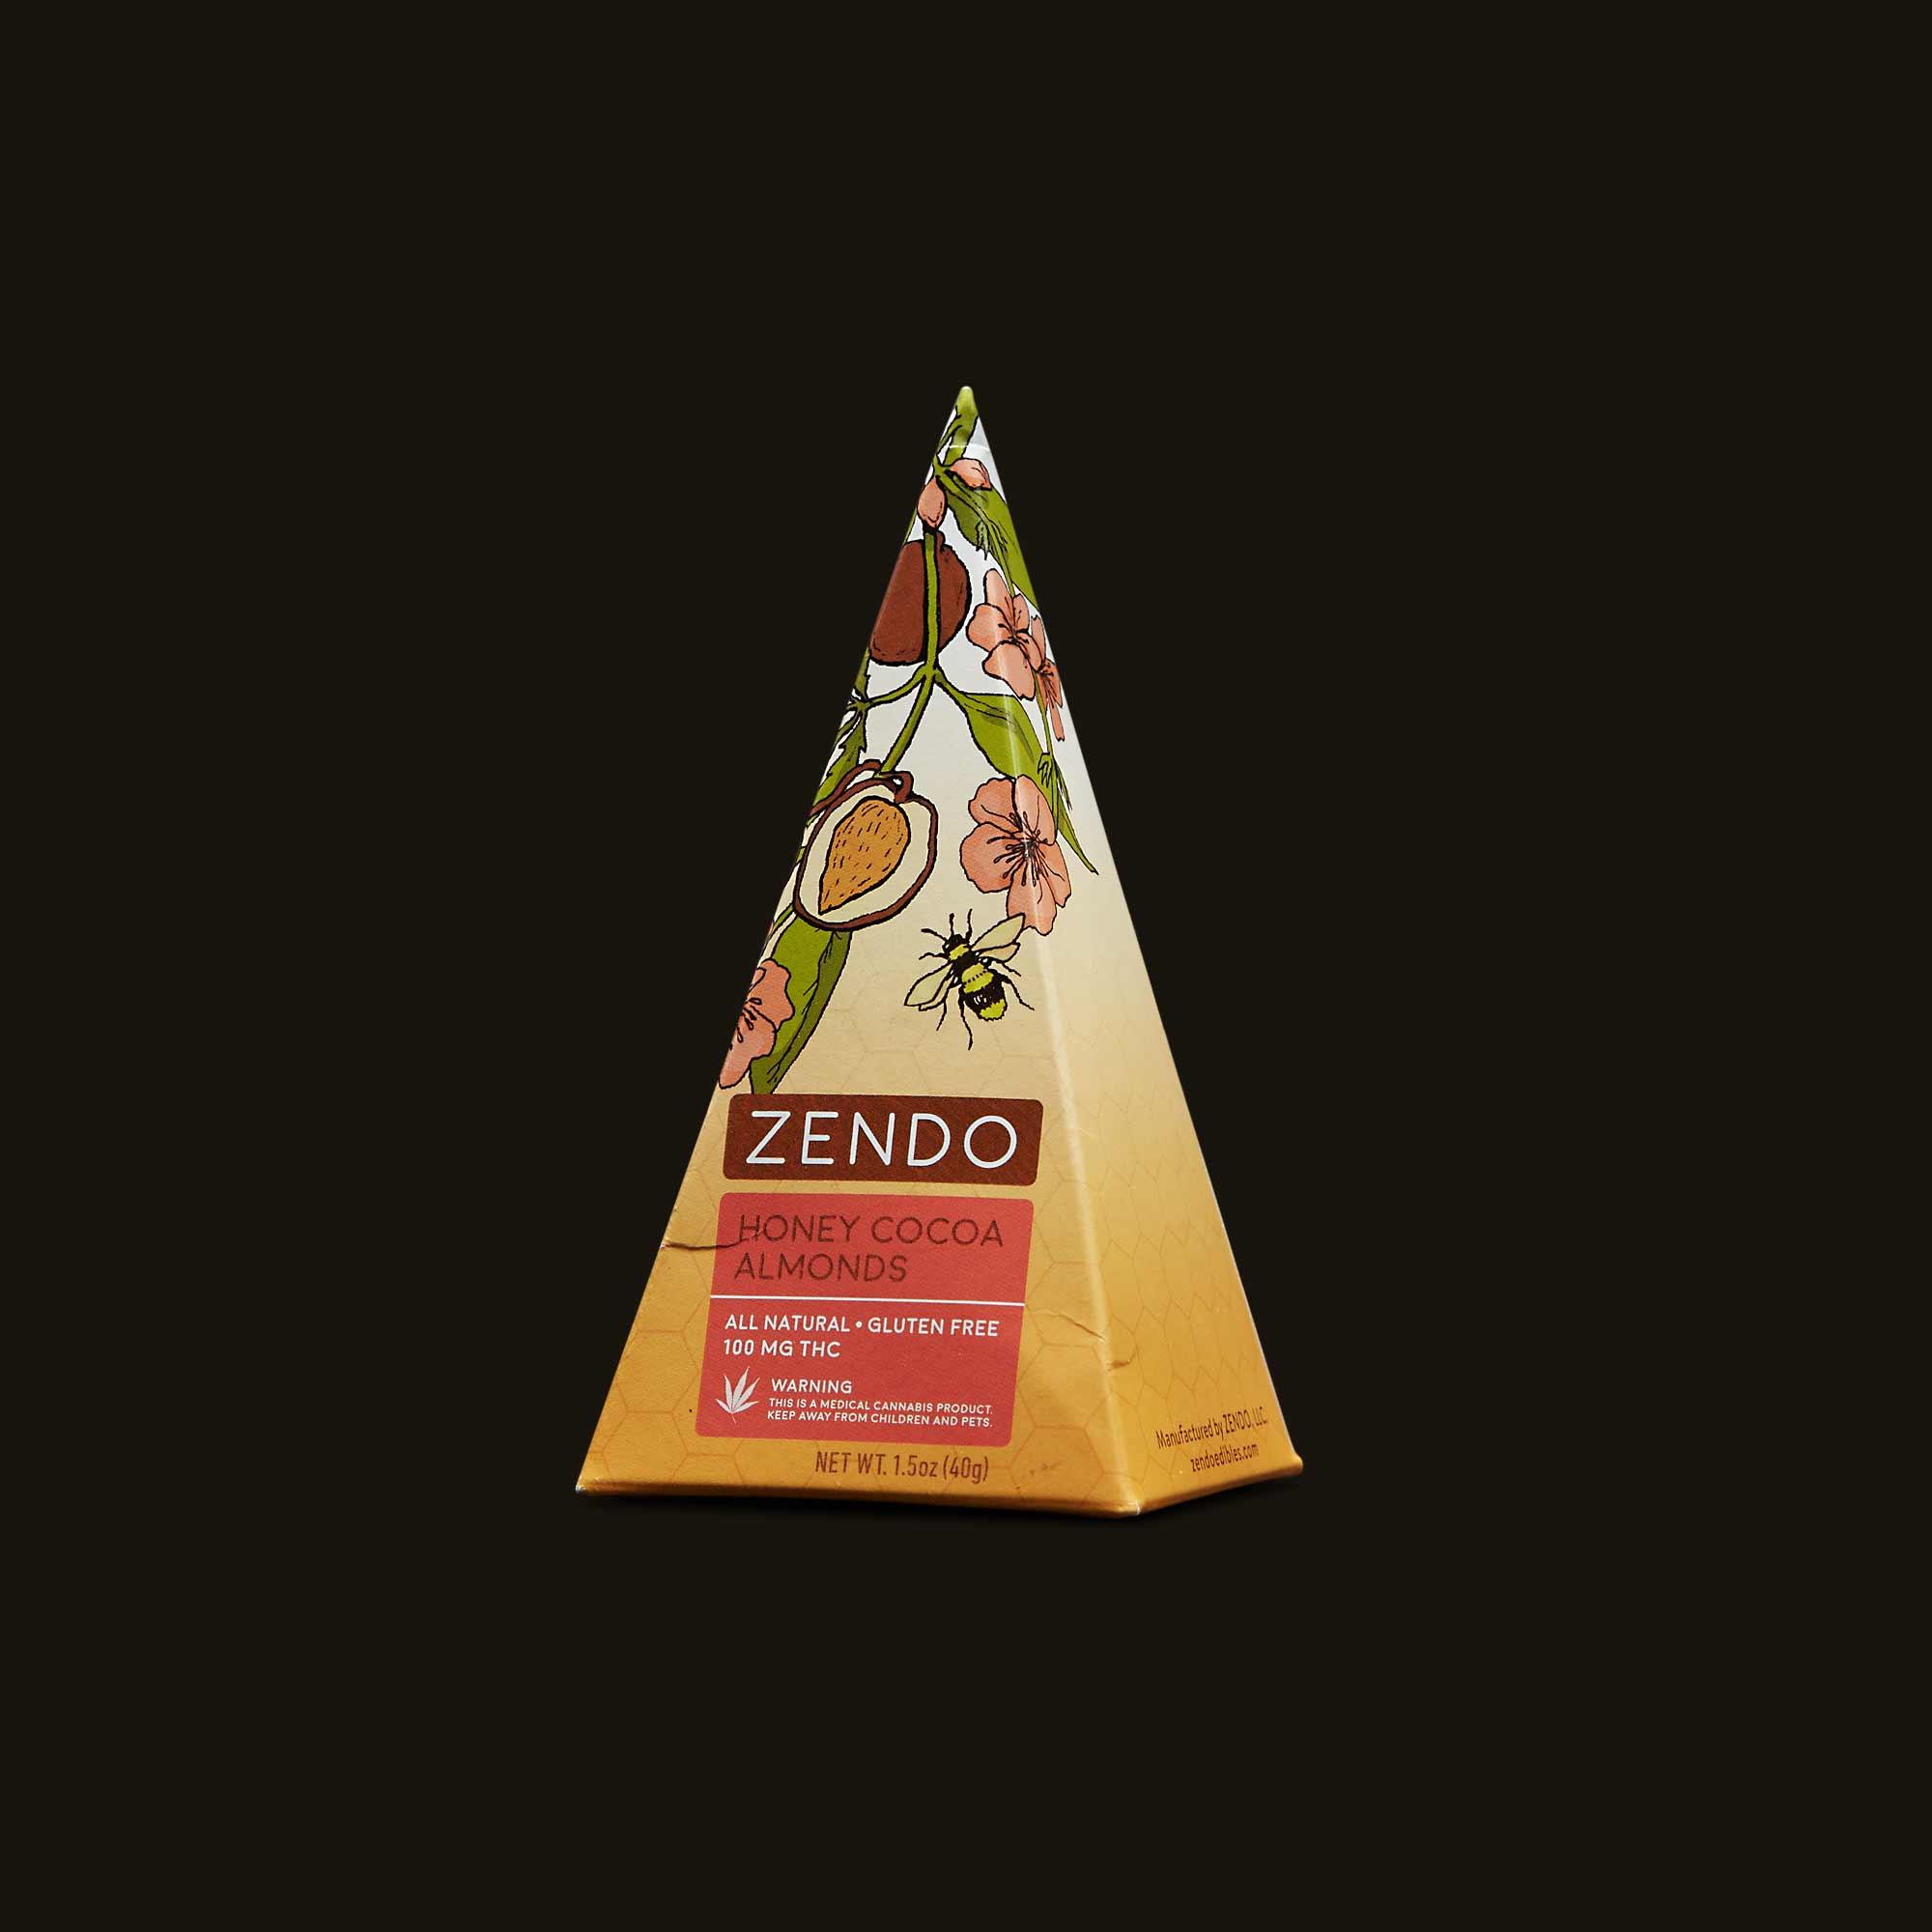 Zendo Honey Cocoa Almonds